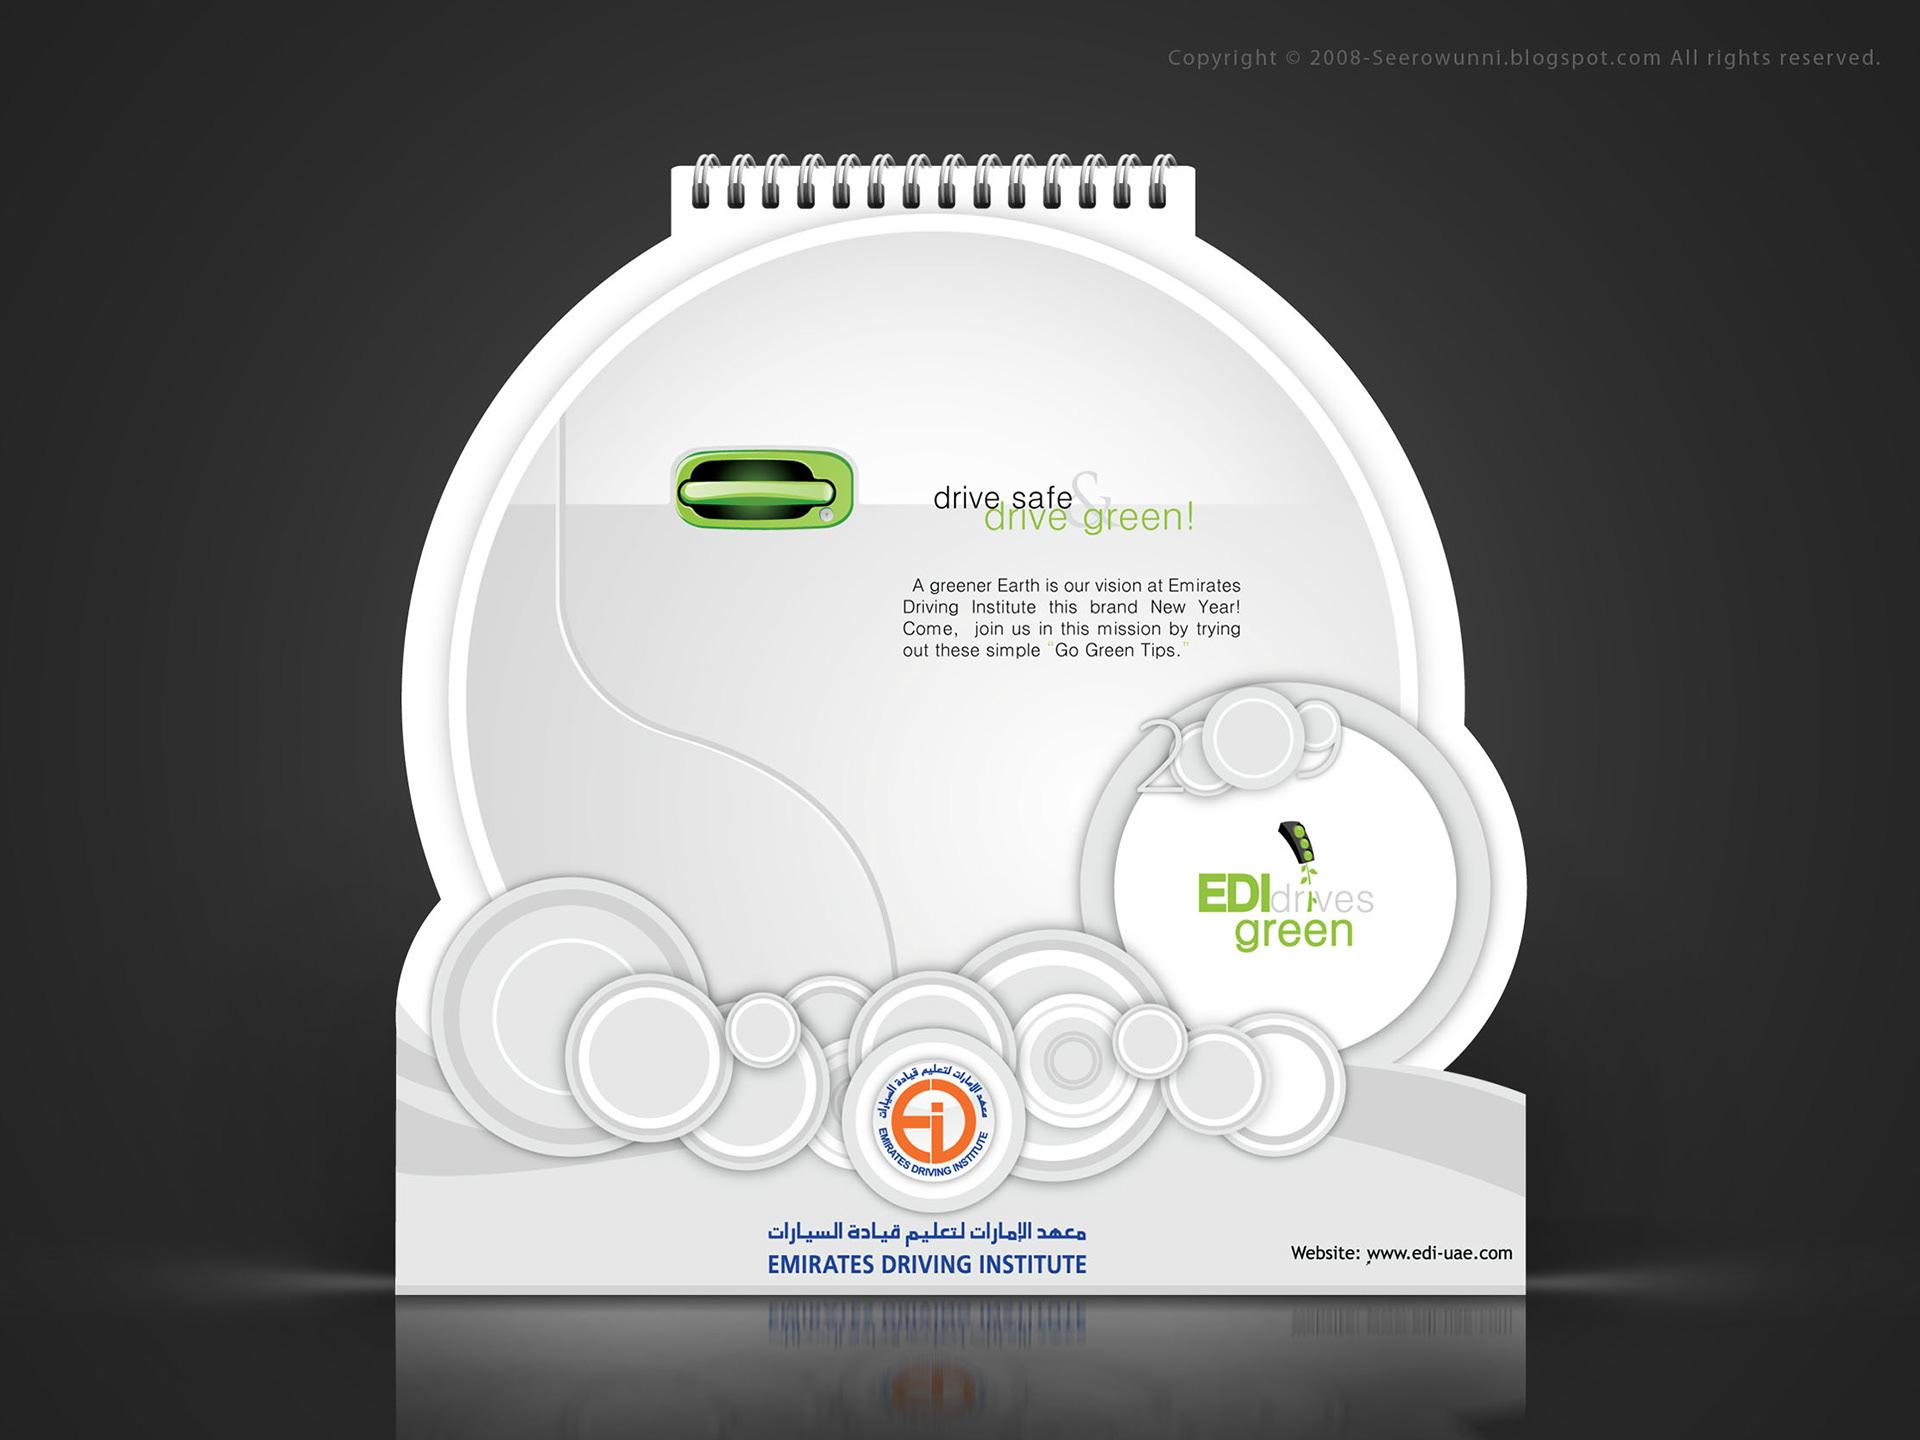 Seerow Unni Calendar Design